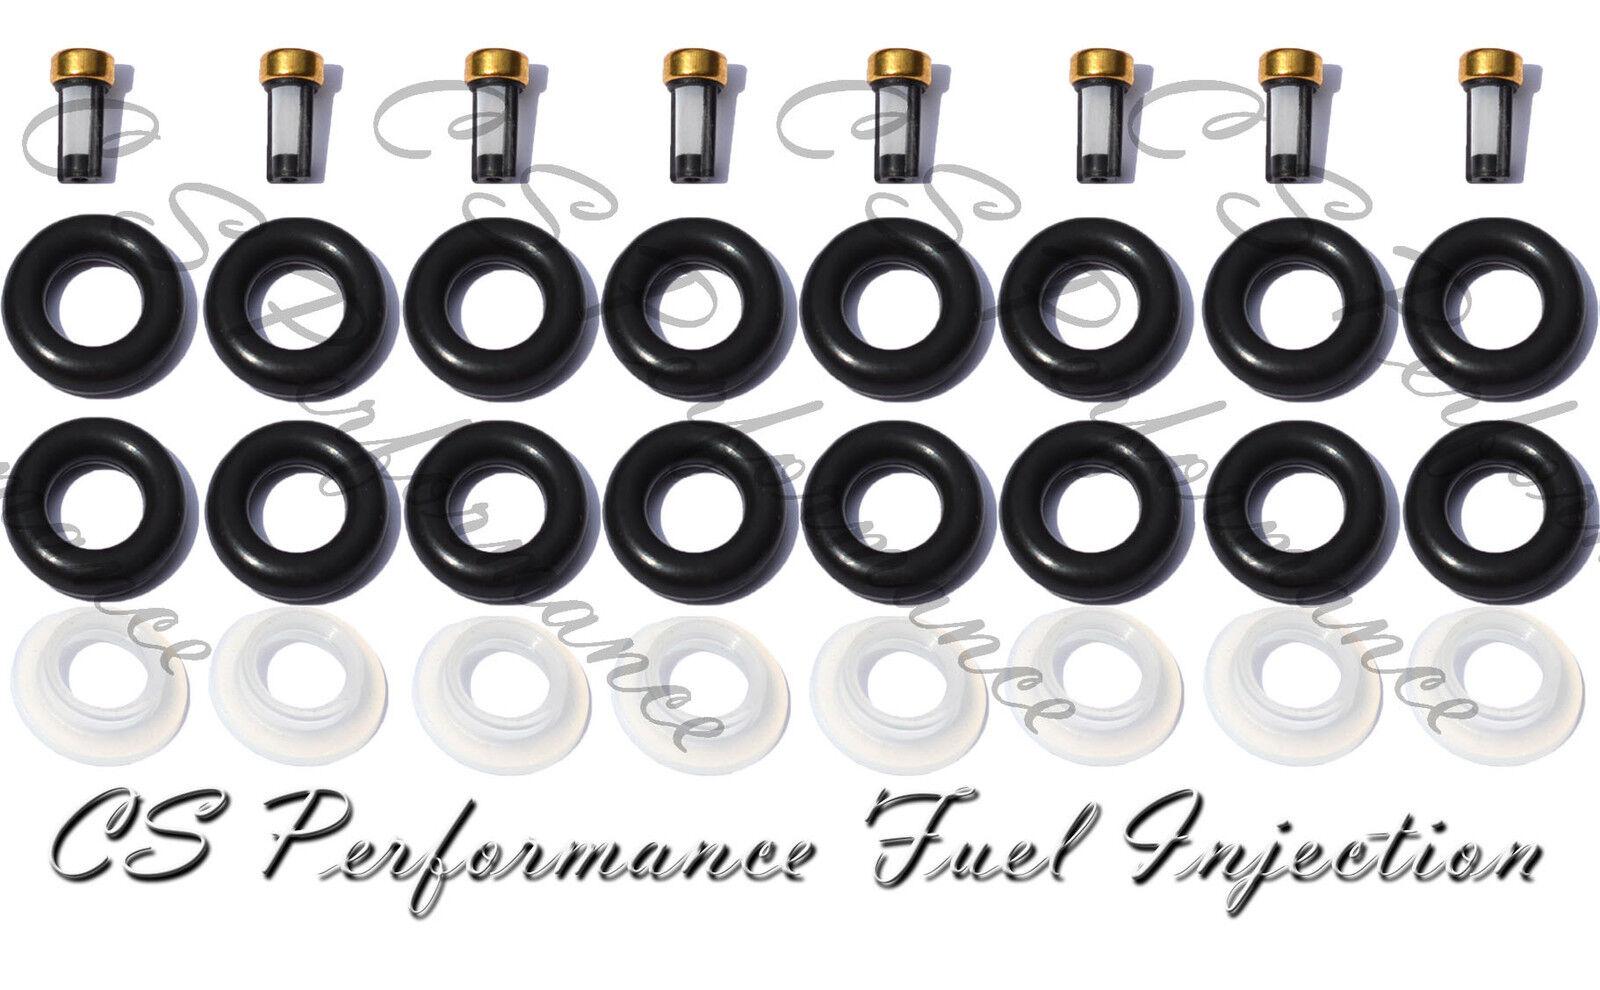 Dodge 5.2 Fuel Injector Repair Rebuild Service Kit Orings